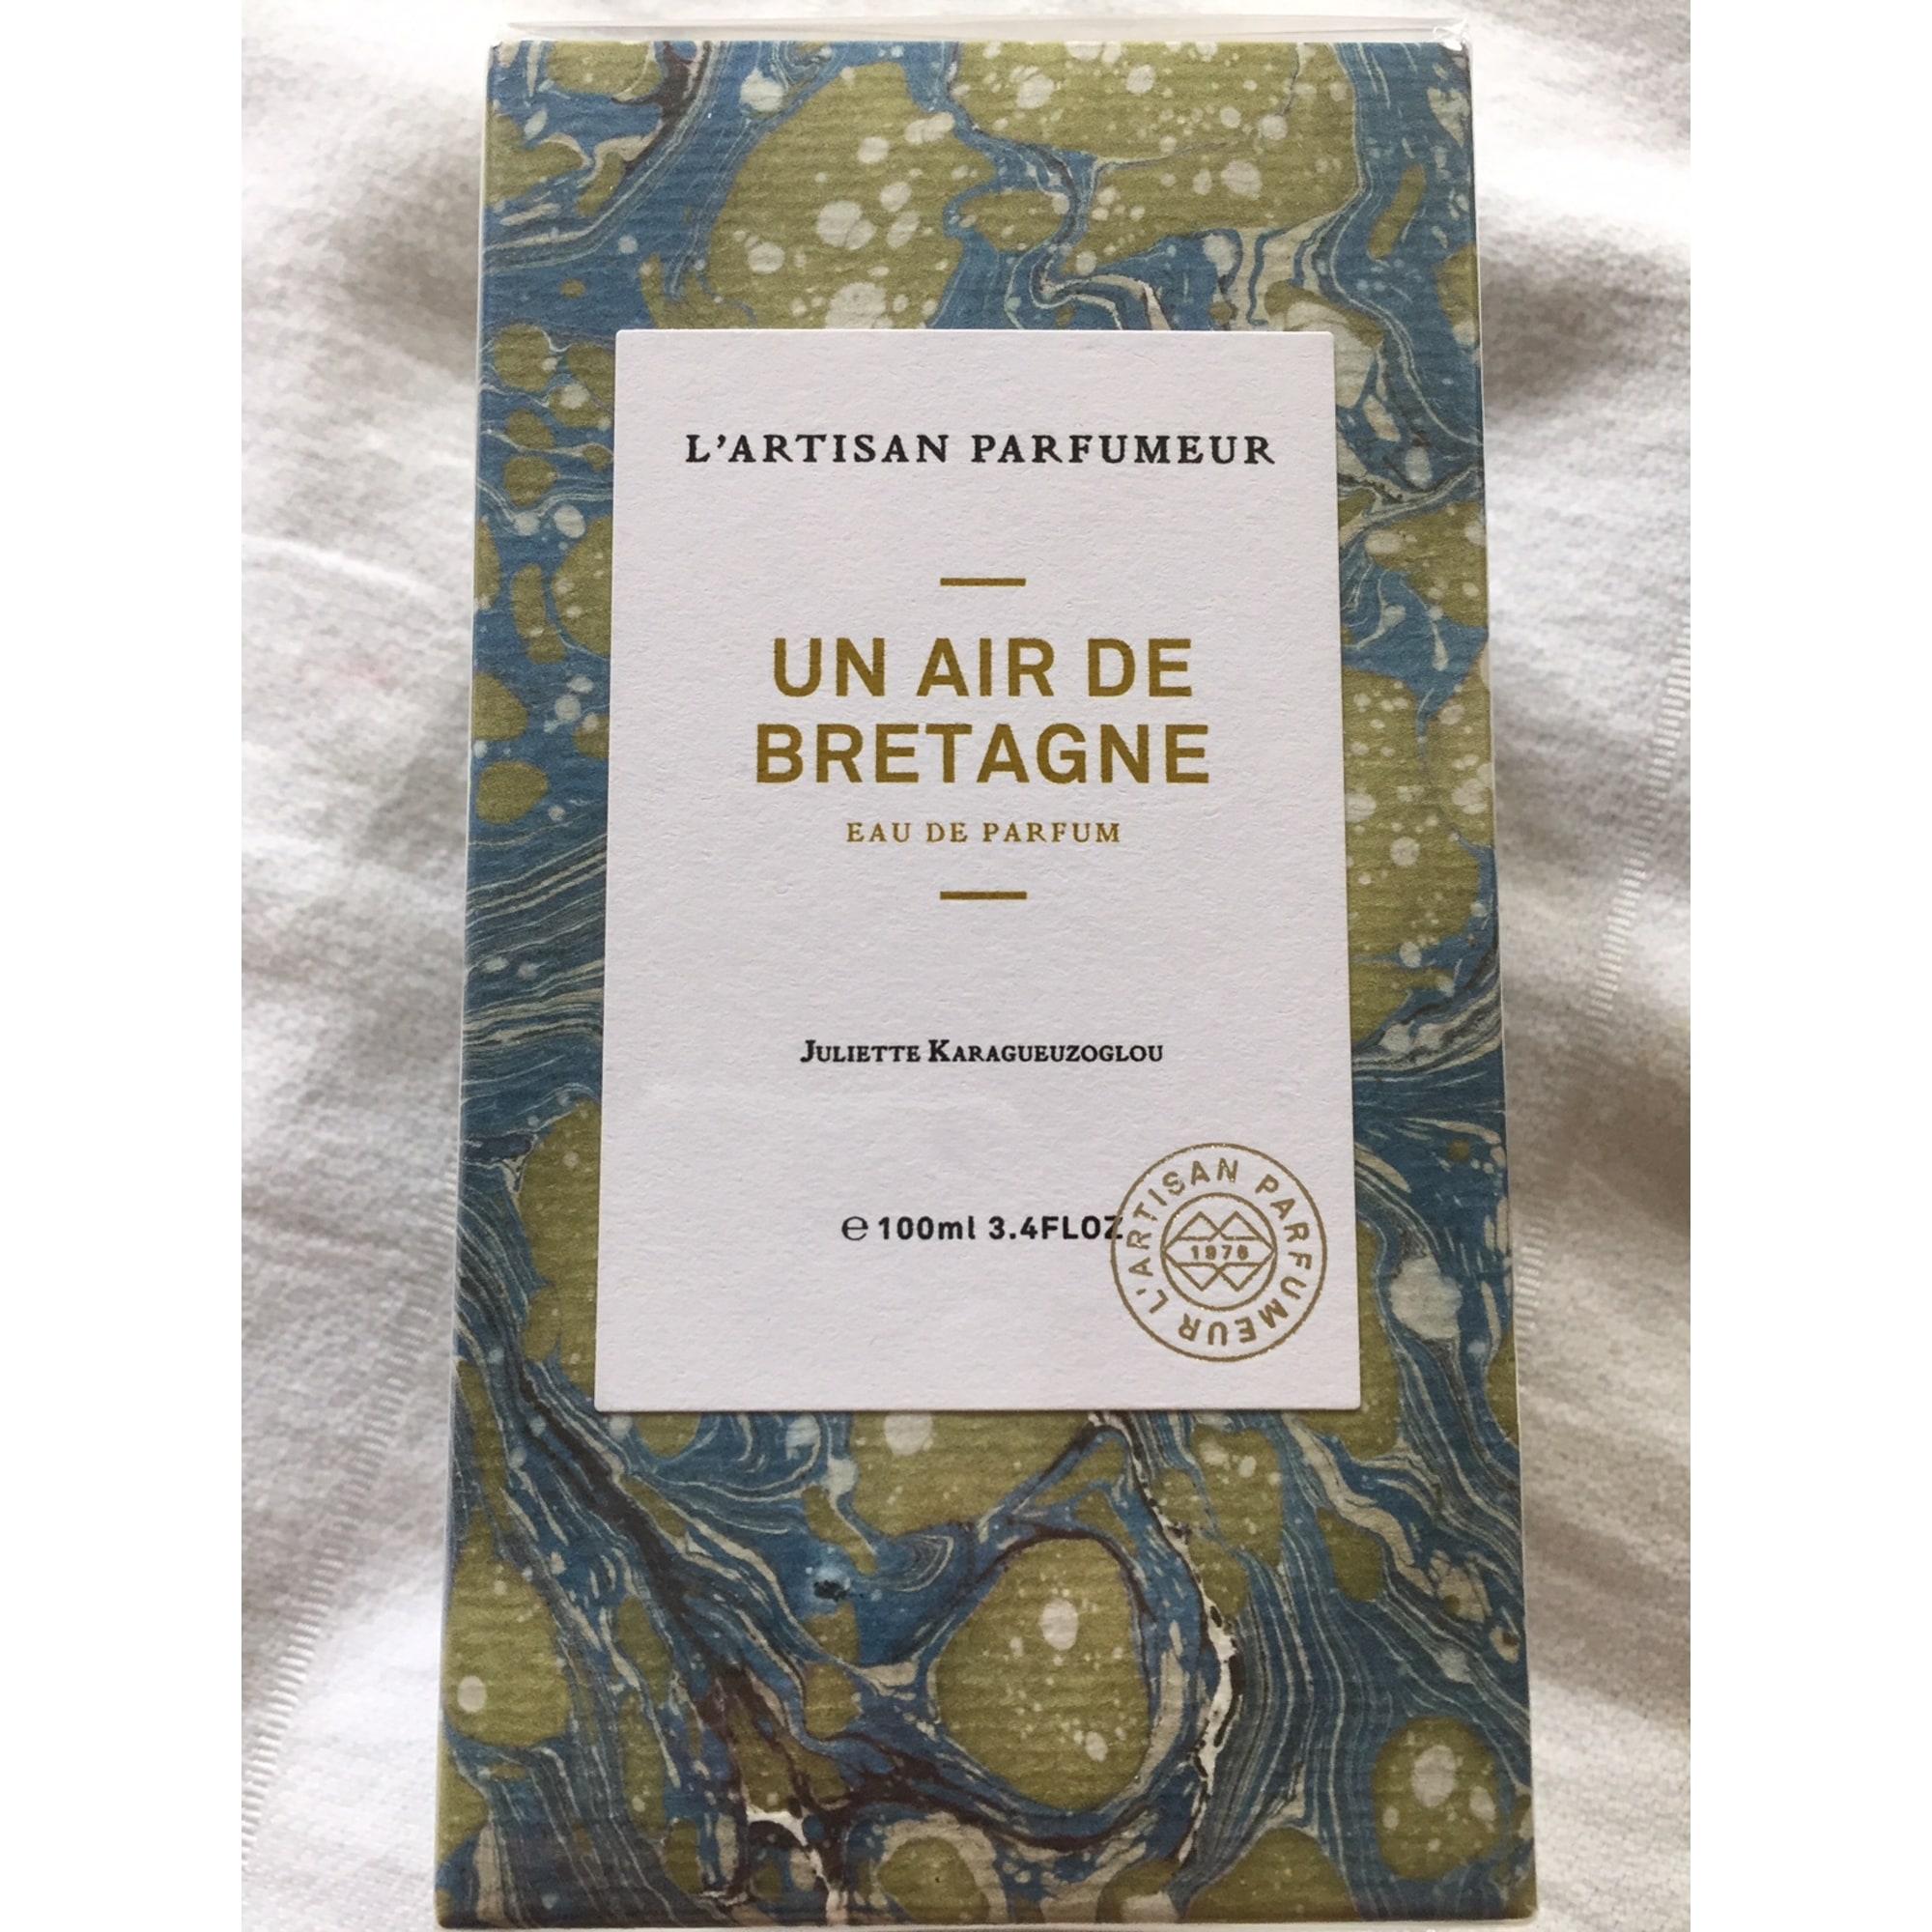 Eau de parfum L'ARTISAN PARFUMEUR